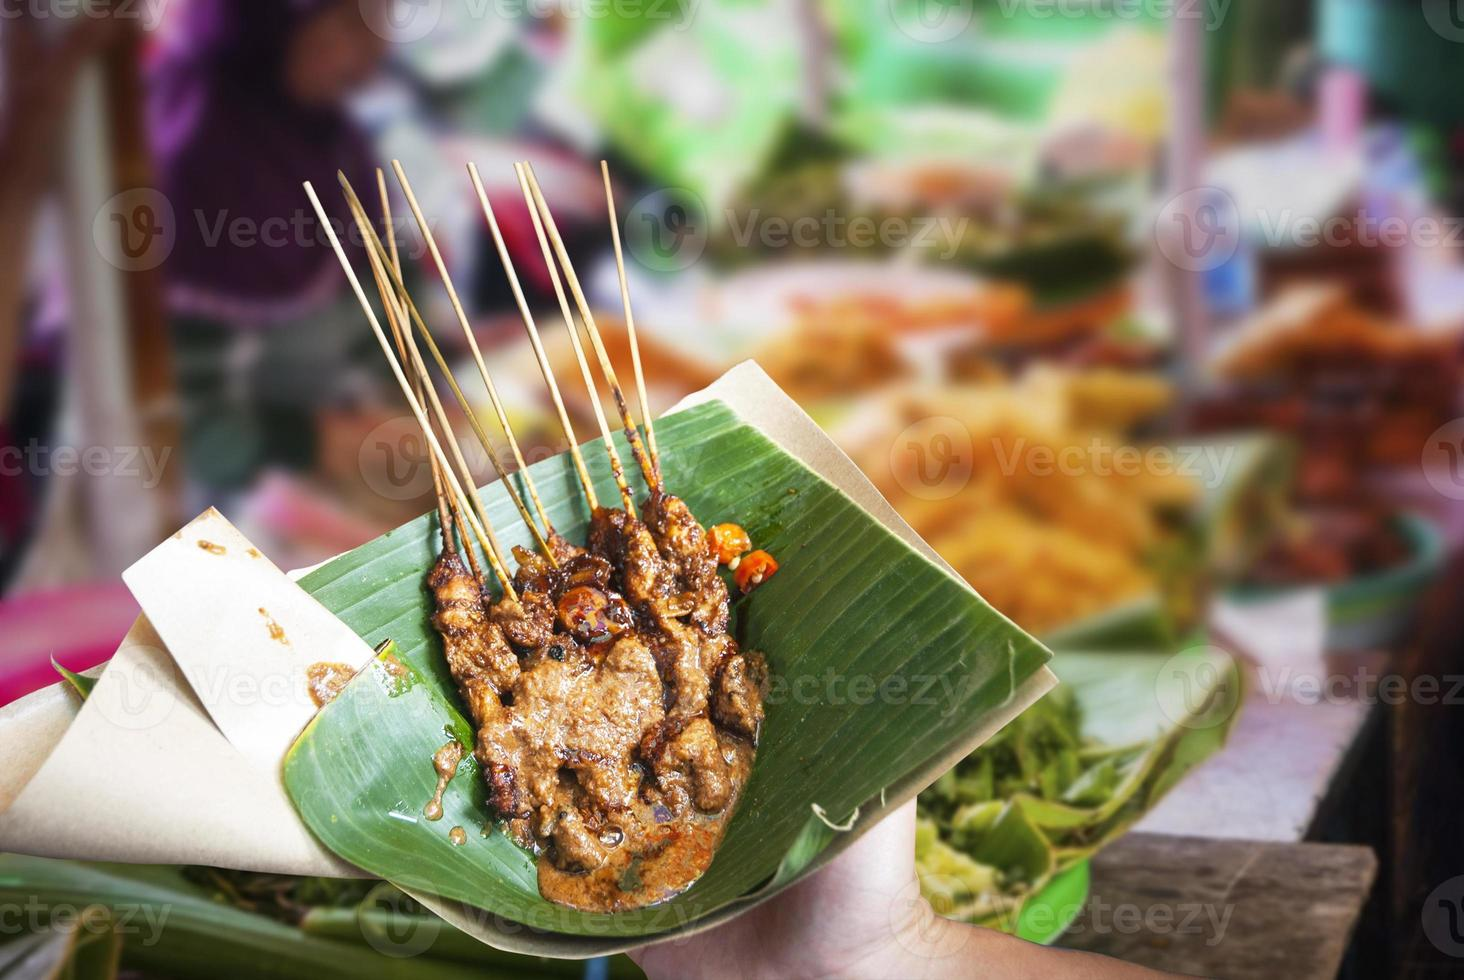 pollo satay indonesio en hoja foto